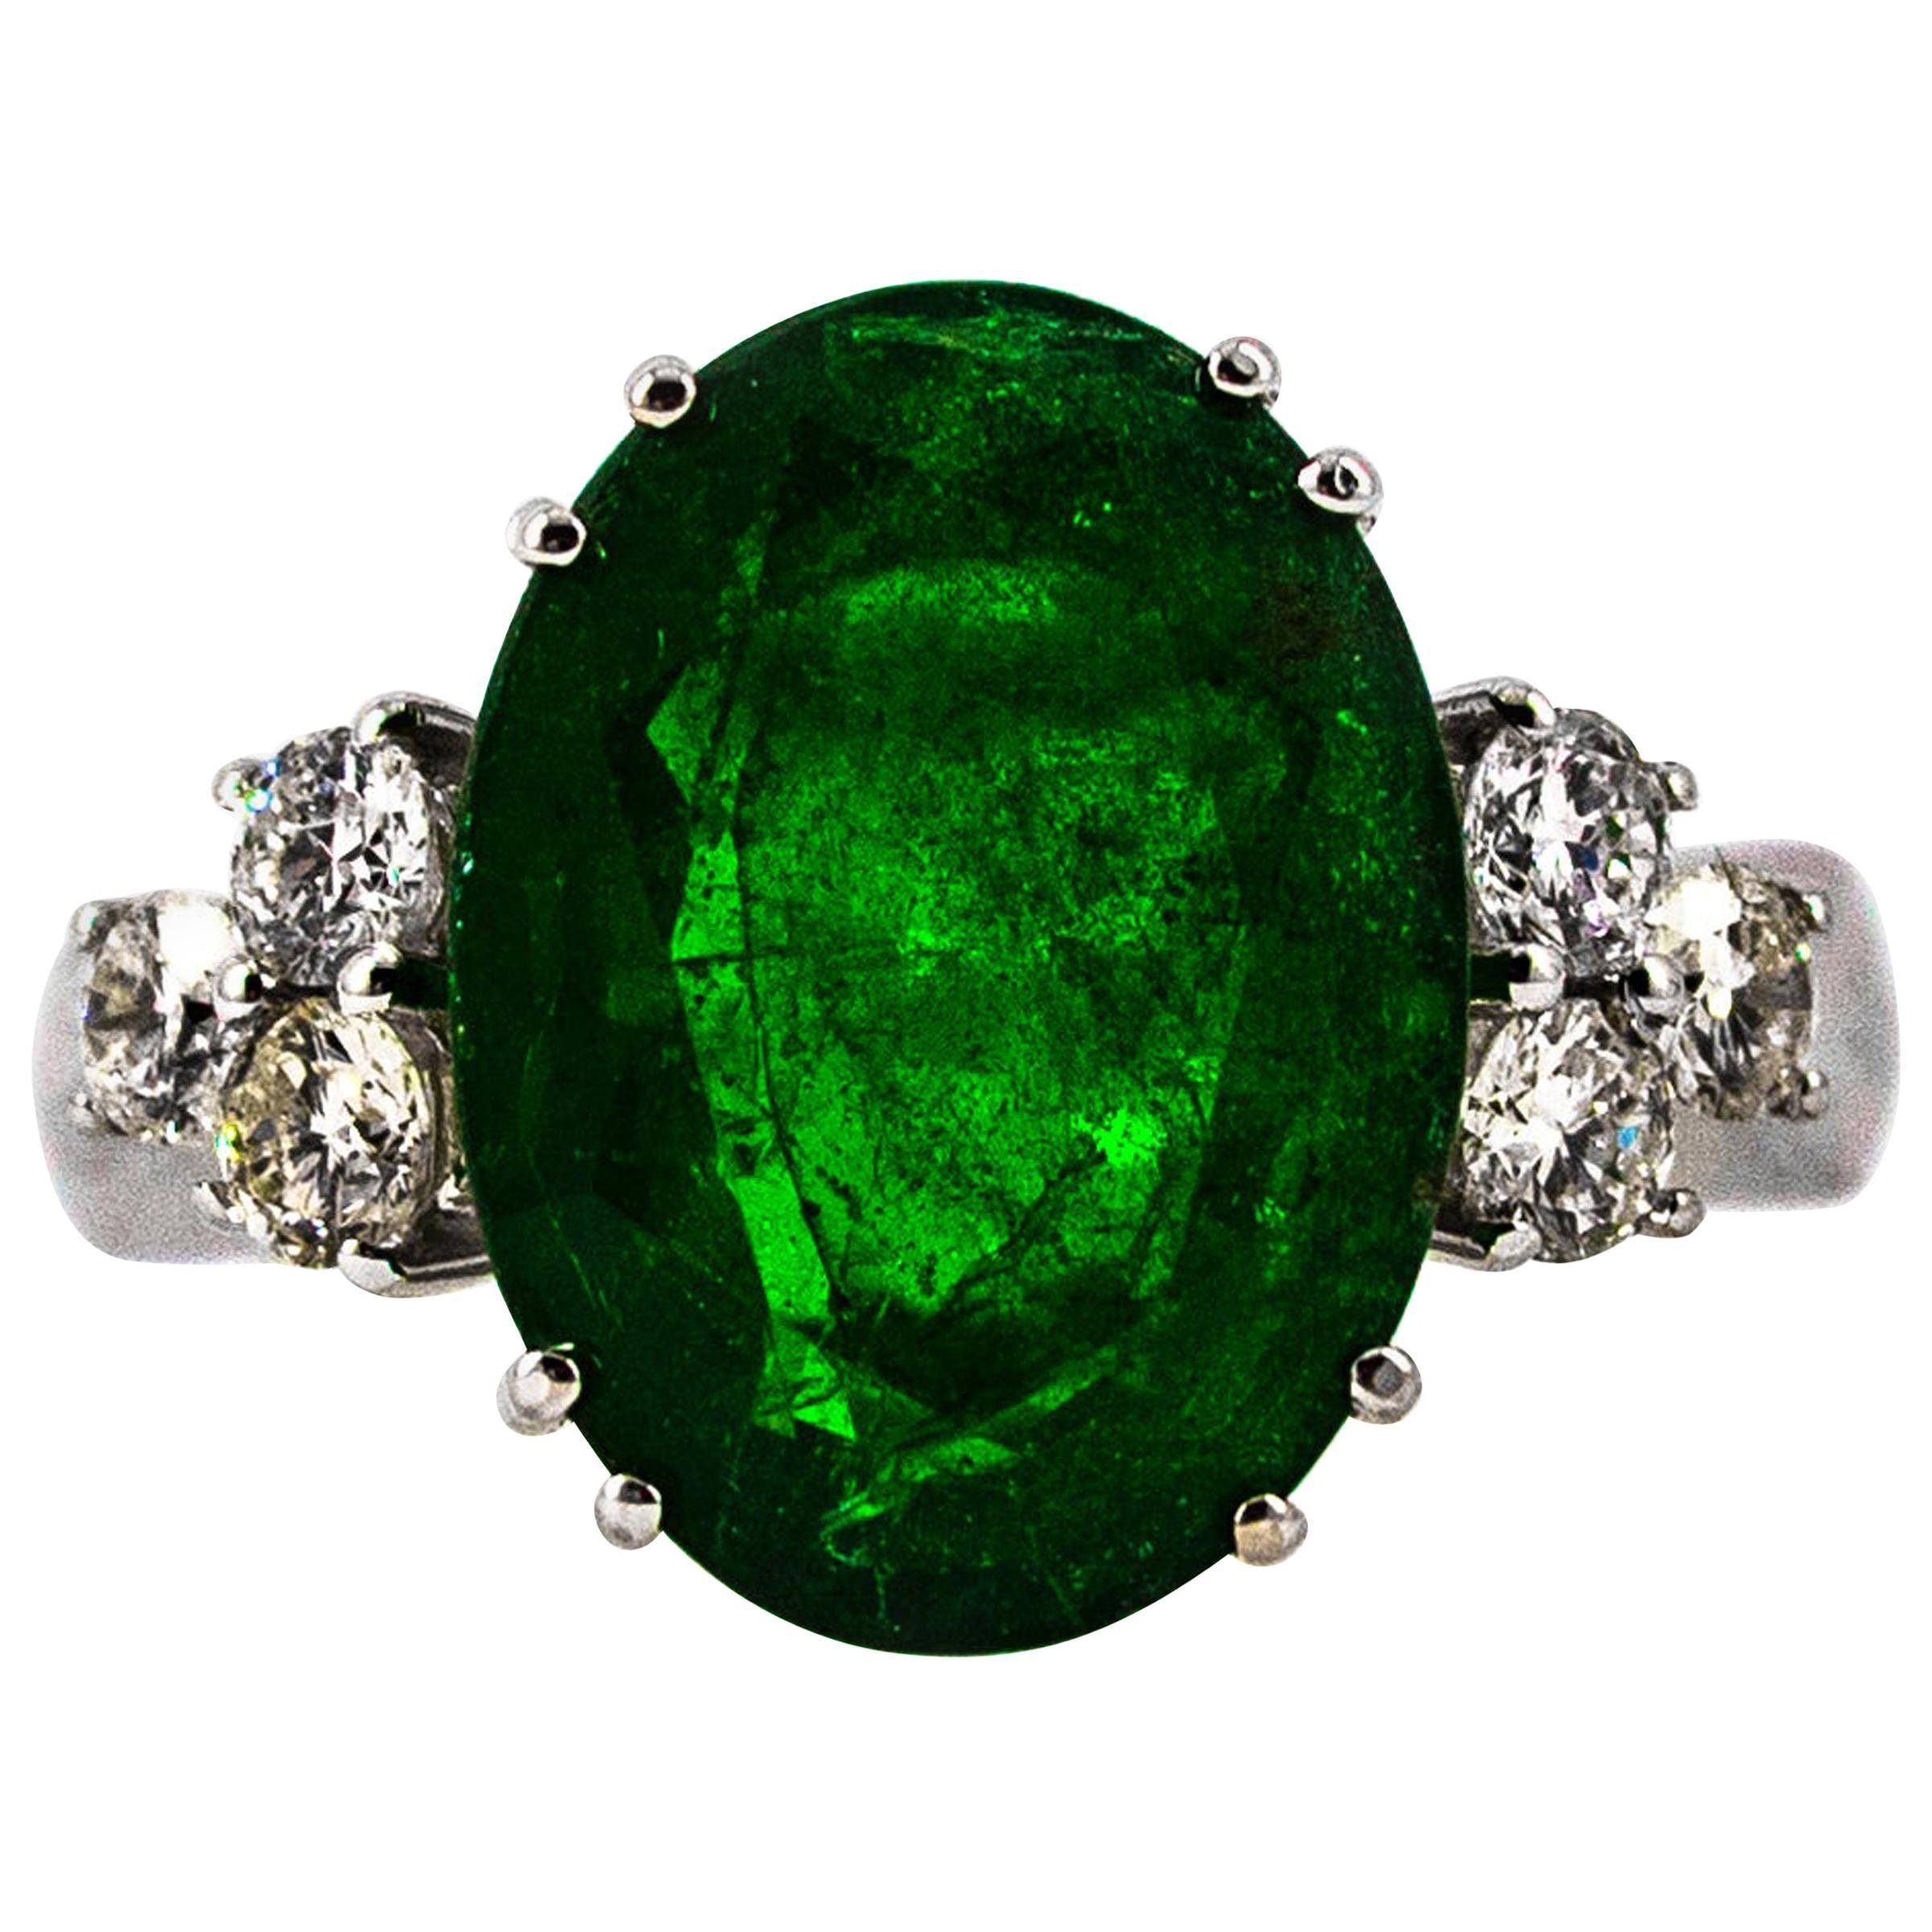 6.42 Carat Emerald 0.60 Carat White Diamond White Gold Cocktail Ring